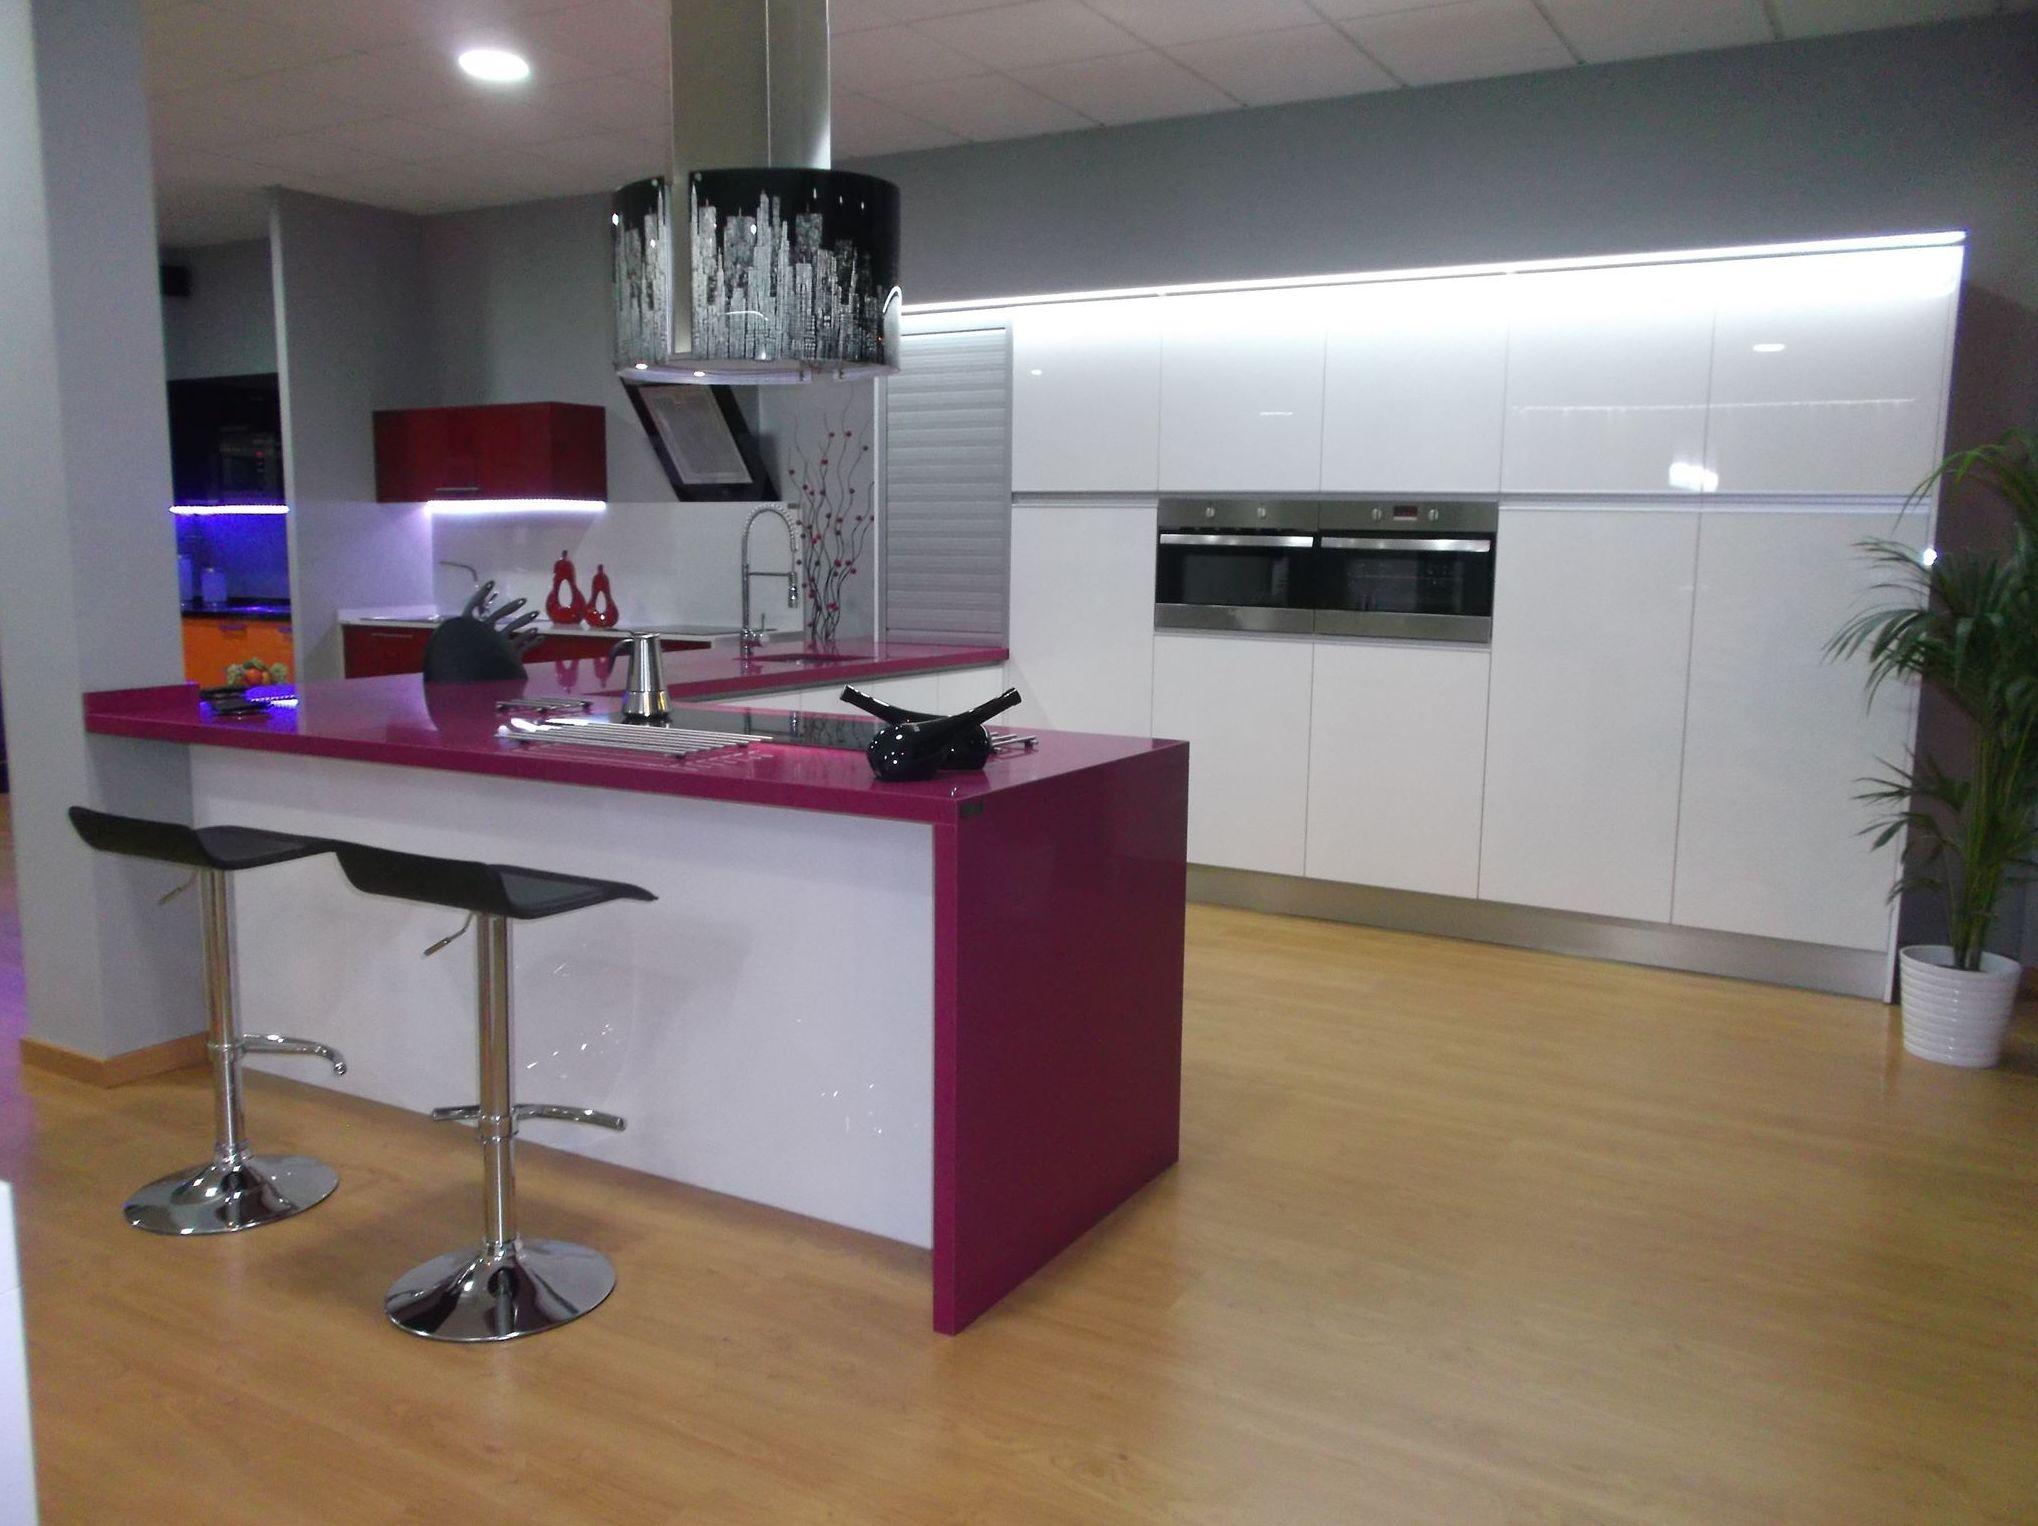 de Muebles de baño y cocina en Santa Cruz de Tenerife  Cocinas